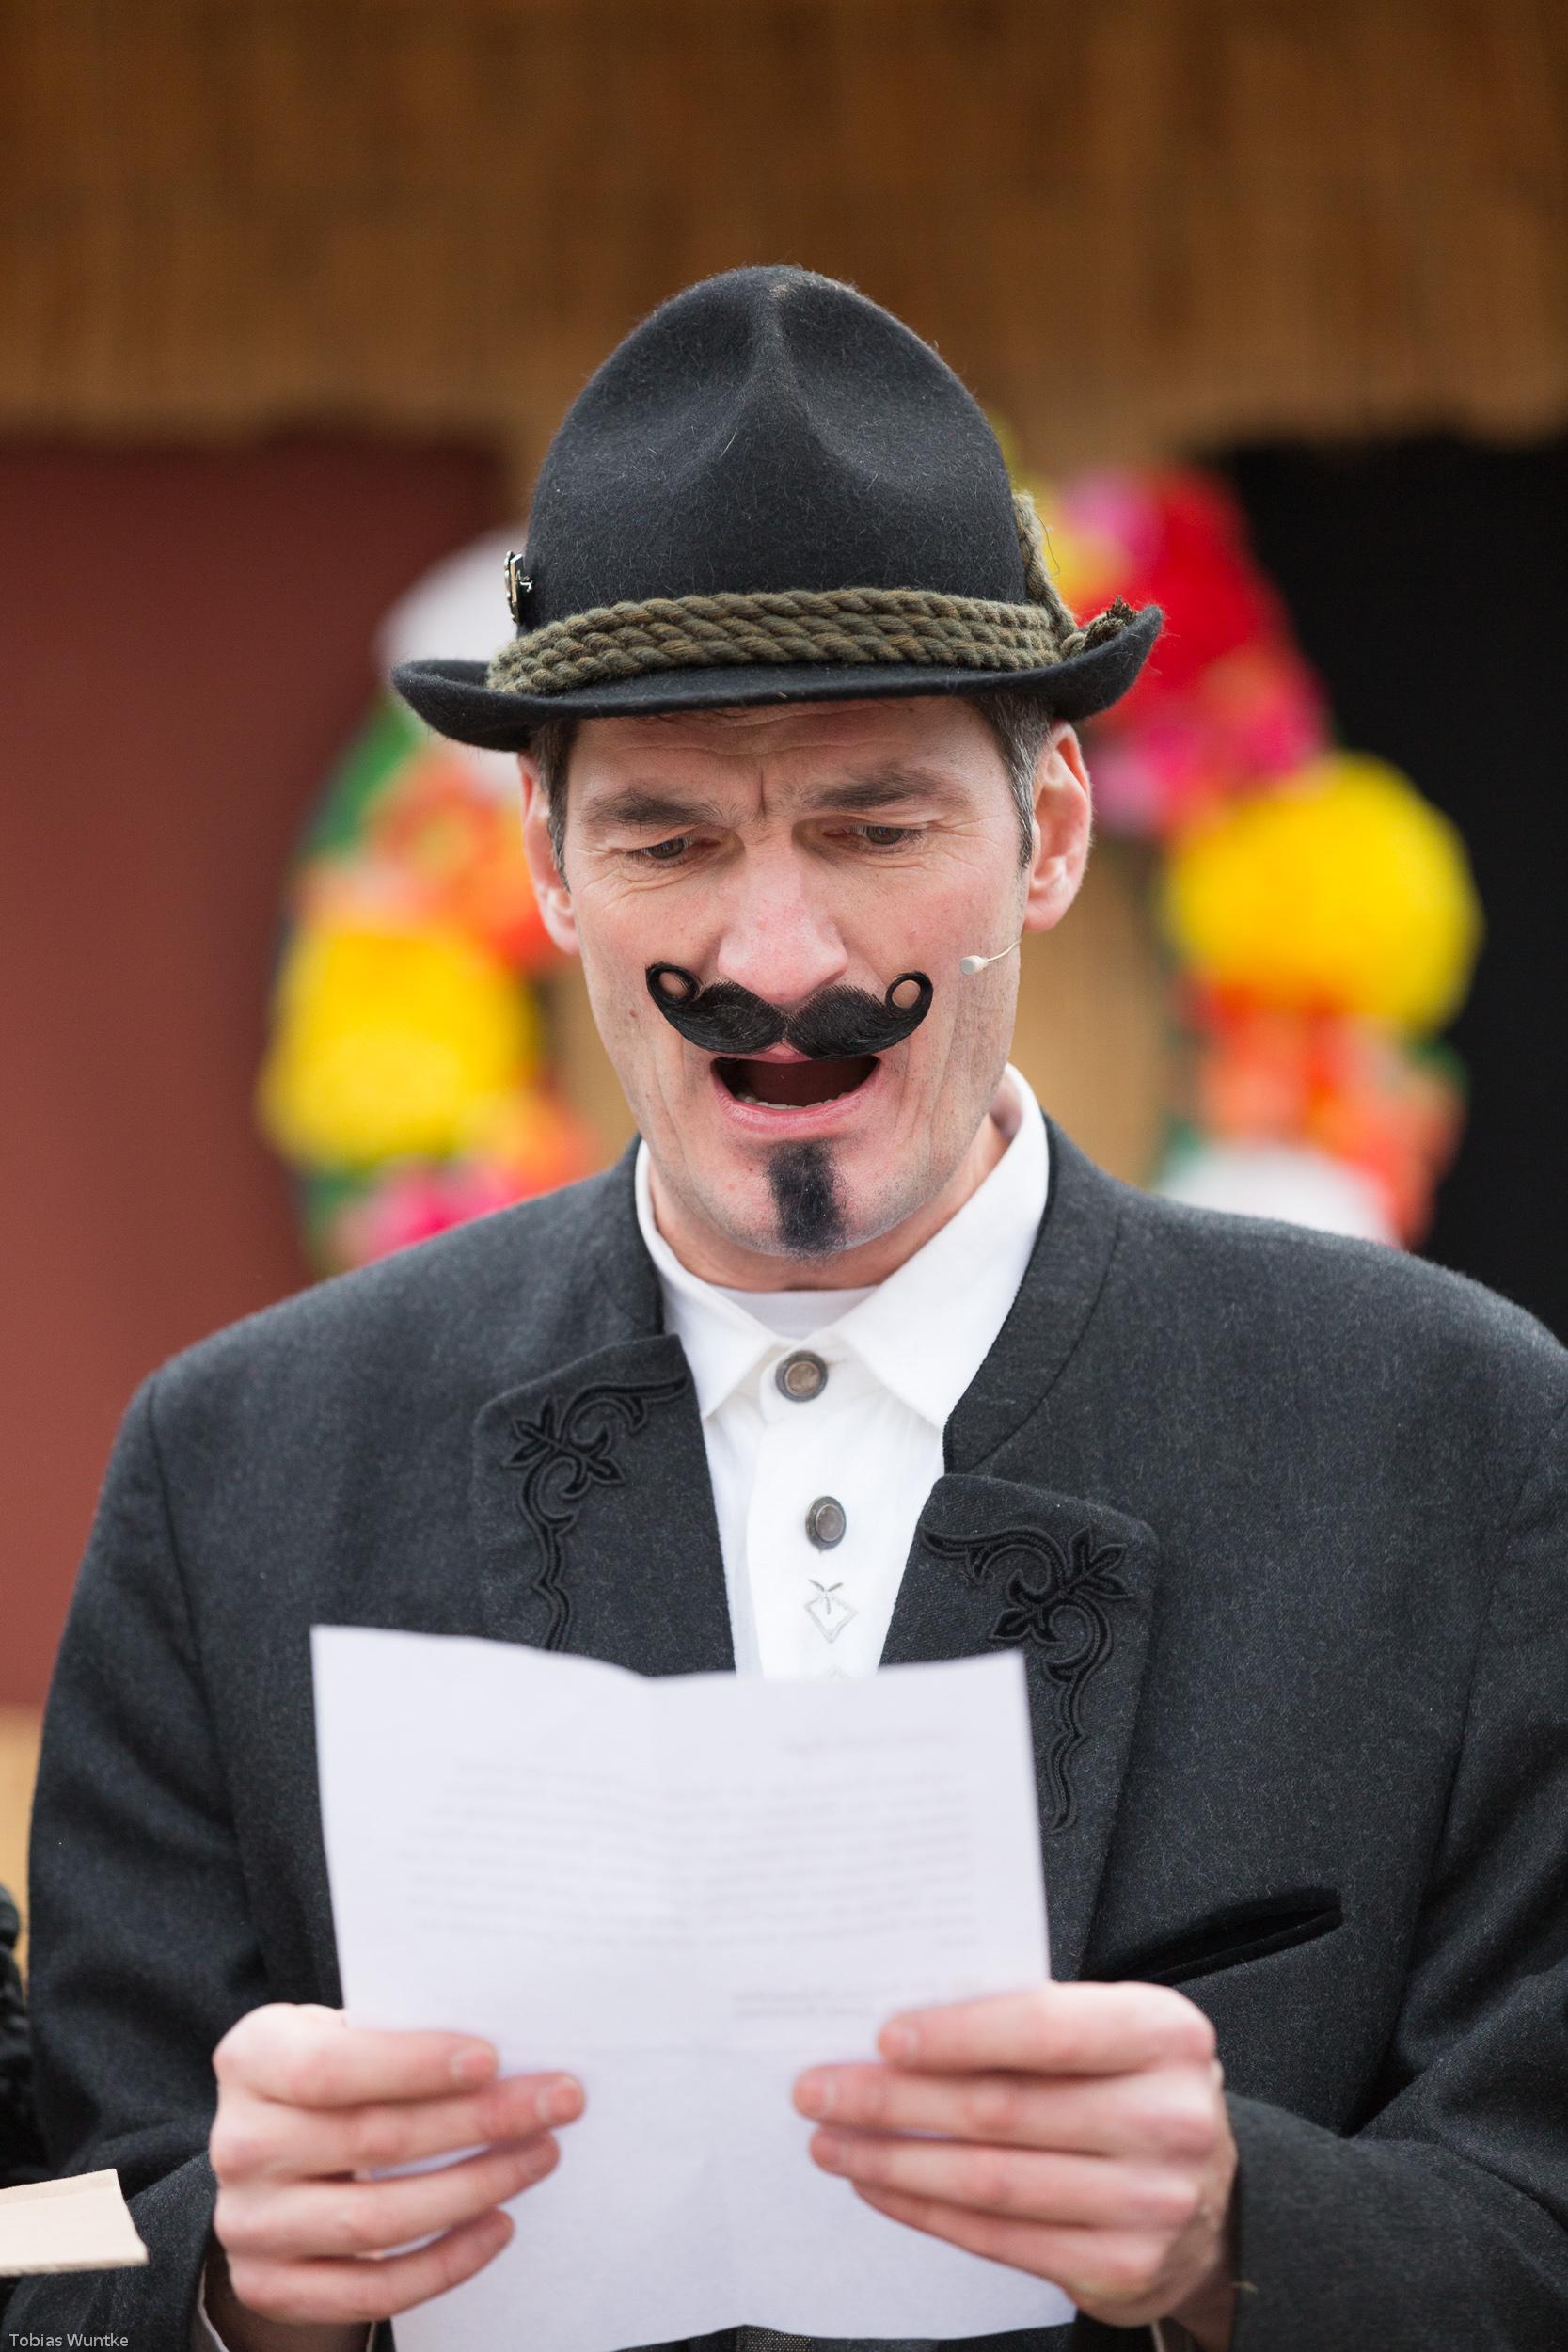 Portraitaufnahme eines der Schauspieler des Fasnetsspieles in Burladingen.